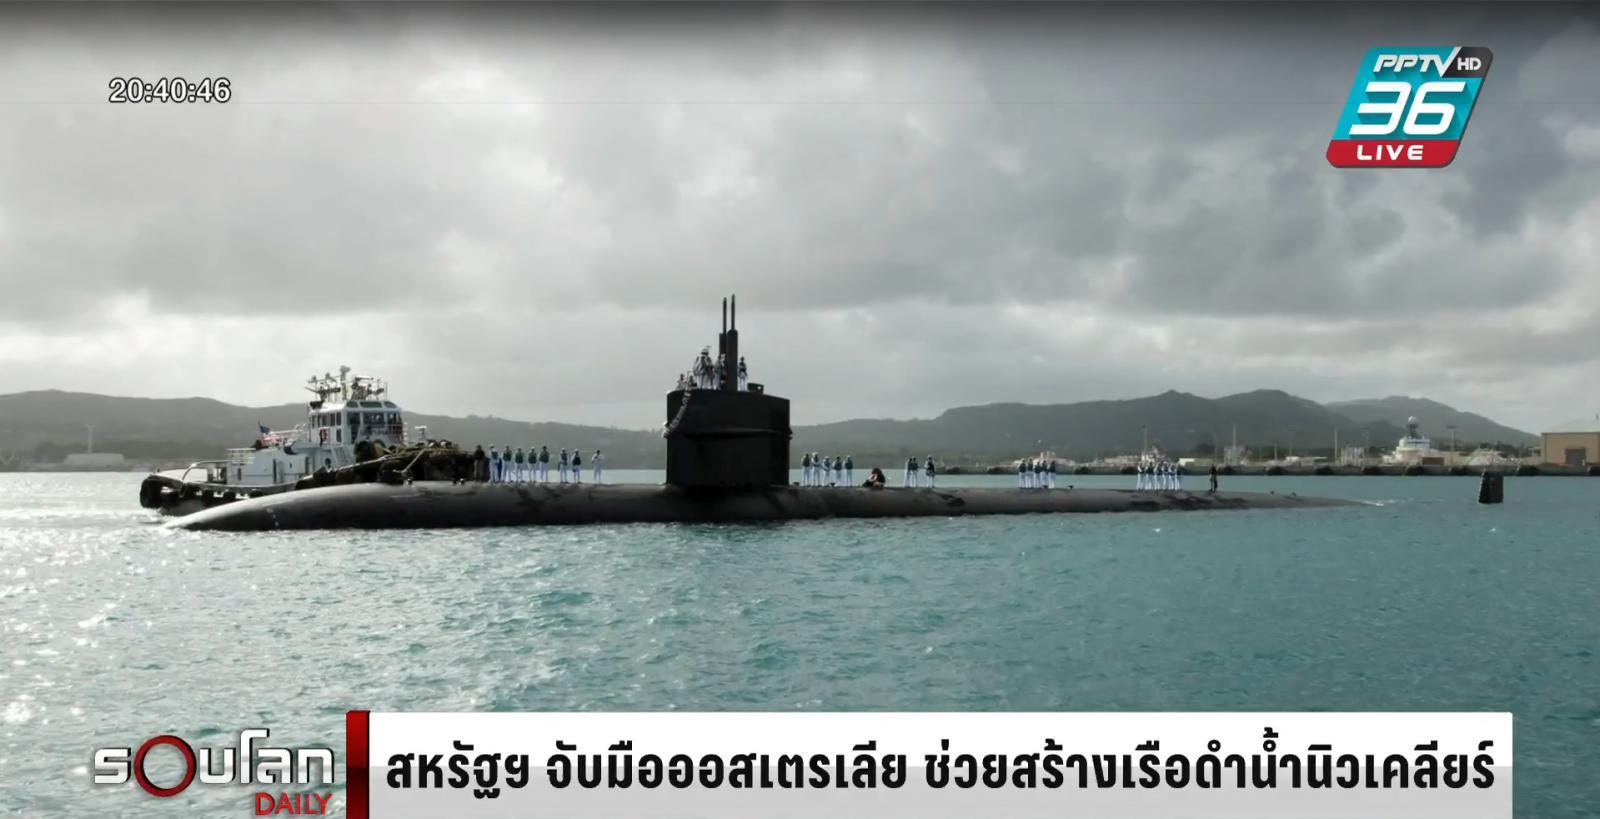 สหรัฐฯ-อังกฤษ ช่วยสร้างเรือดำน้ำนิวเคลียร์ ให้ออสเตรเลีย หวังต่อกร จีน